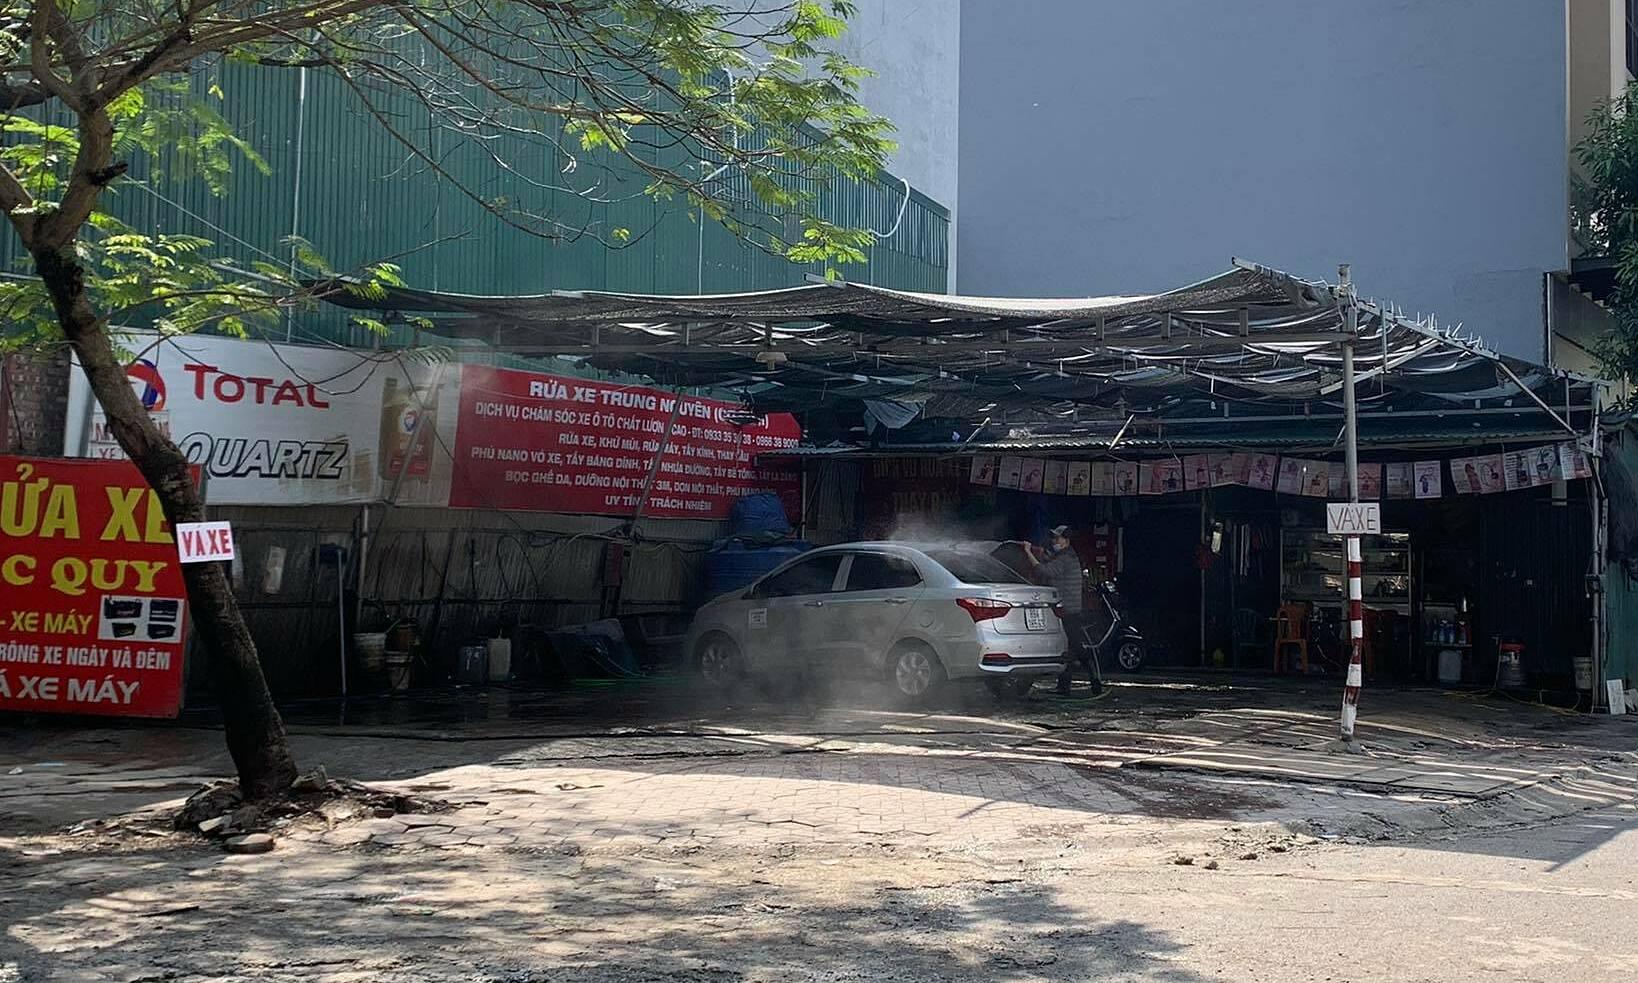 Khung cảnh vắng khách tại một quán rửa xe tại khu vực Cầu Giấy. Ảnh: Minh Quân